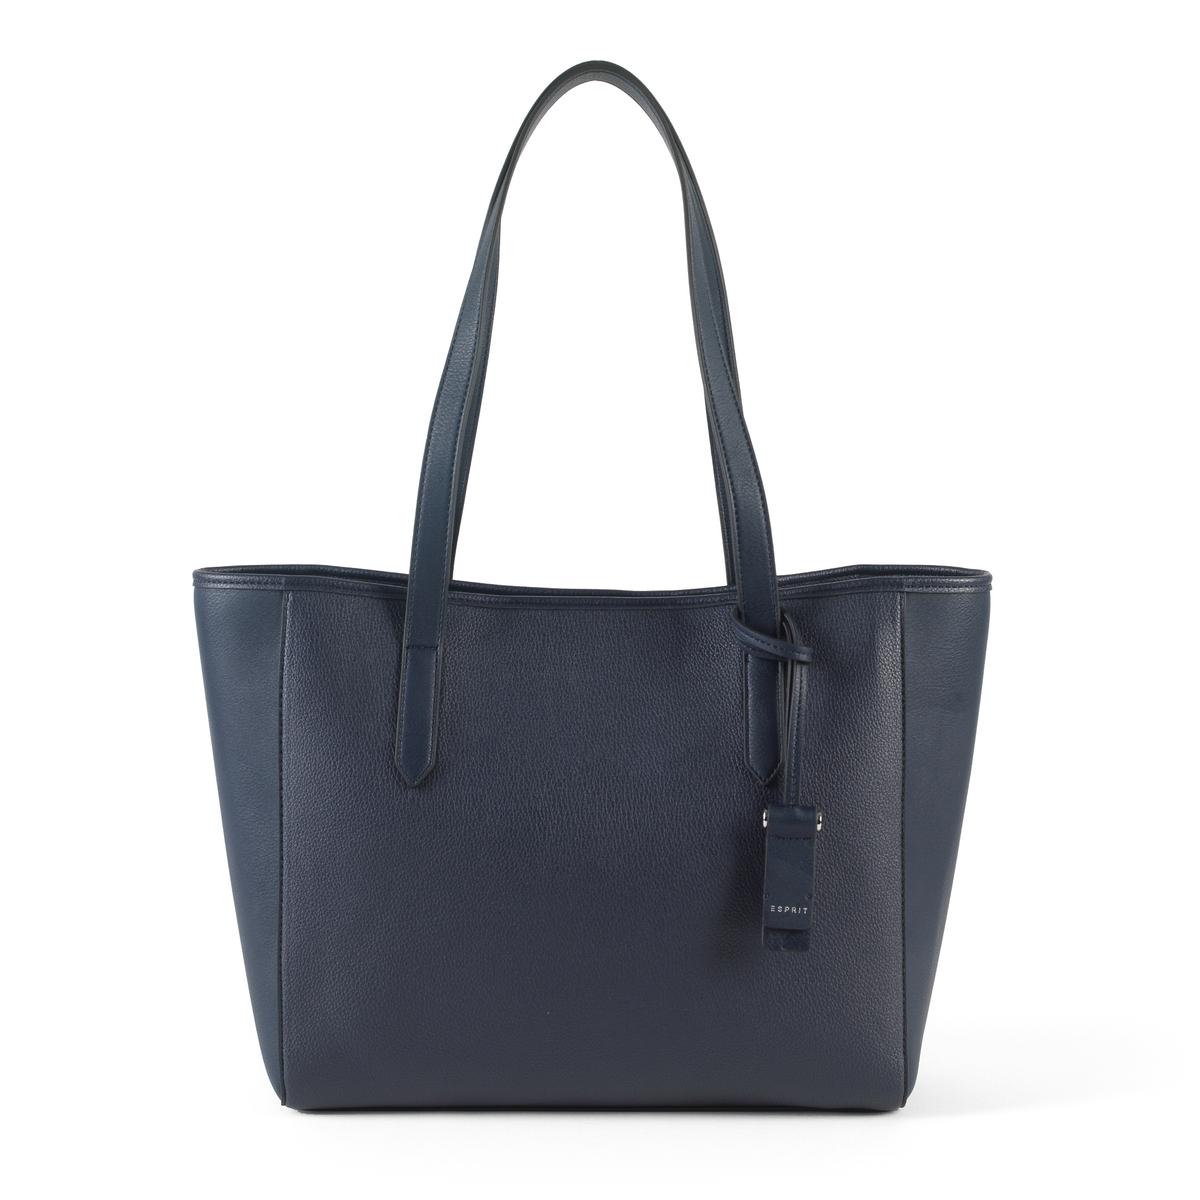 Сумка-шоппер TatumshПрактичная и стильная сумка-шоппер от Esprit : идеальна для походов по магазинам и прогулок по городу!Состав и описание : Материал : верх из полиуретана             подкладка из полиэстераМарка : EspritМодель : TatumshРазмеры : 30 x 30,5 x 14 смЗастежка : на клипсу<br><br>Цвет: синий морской